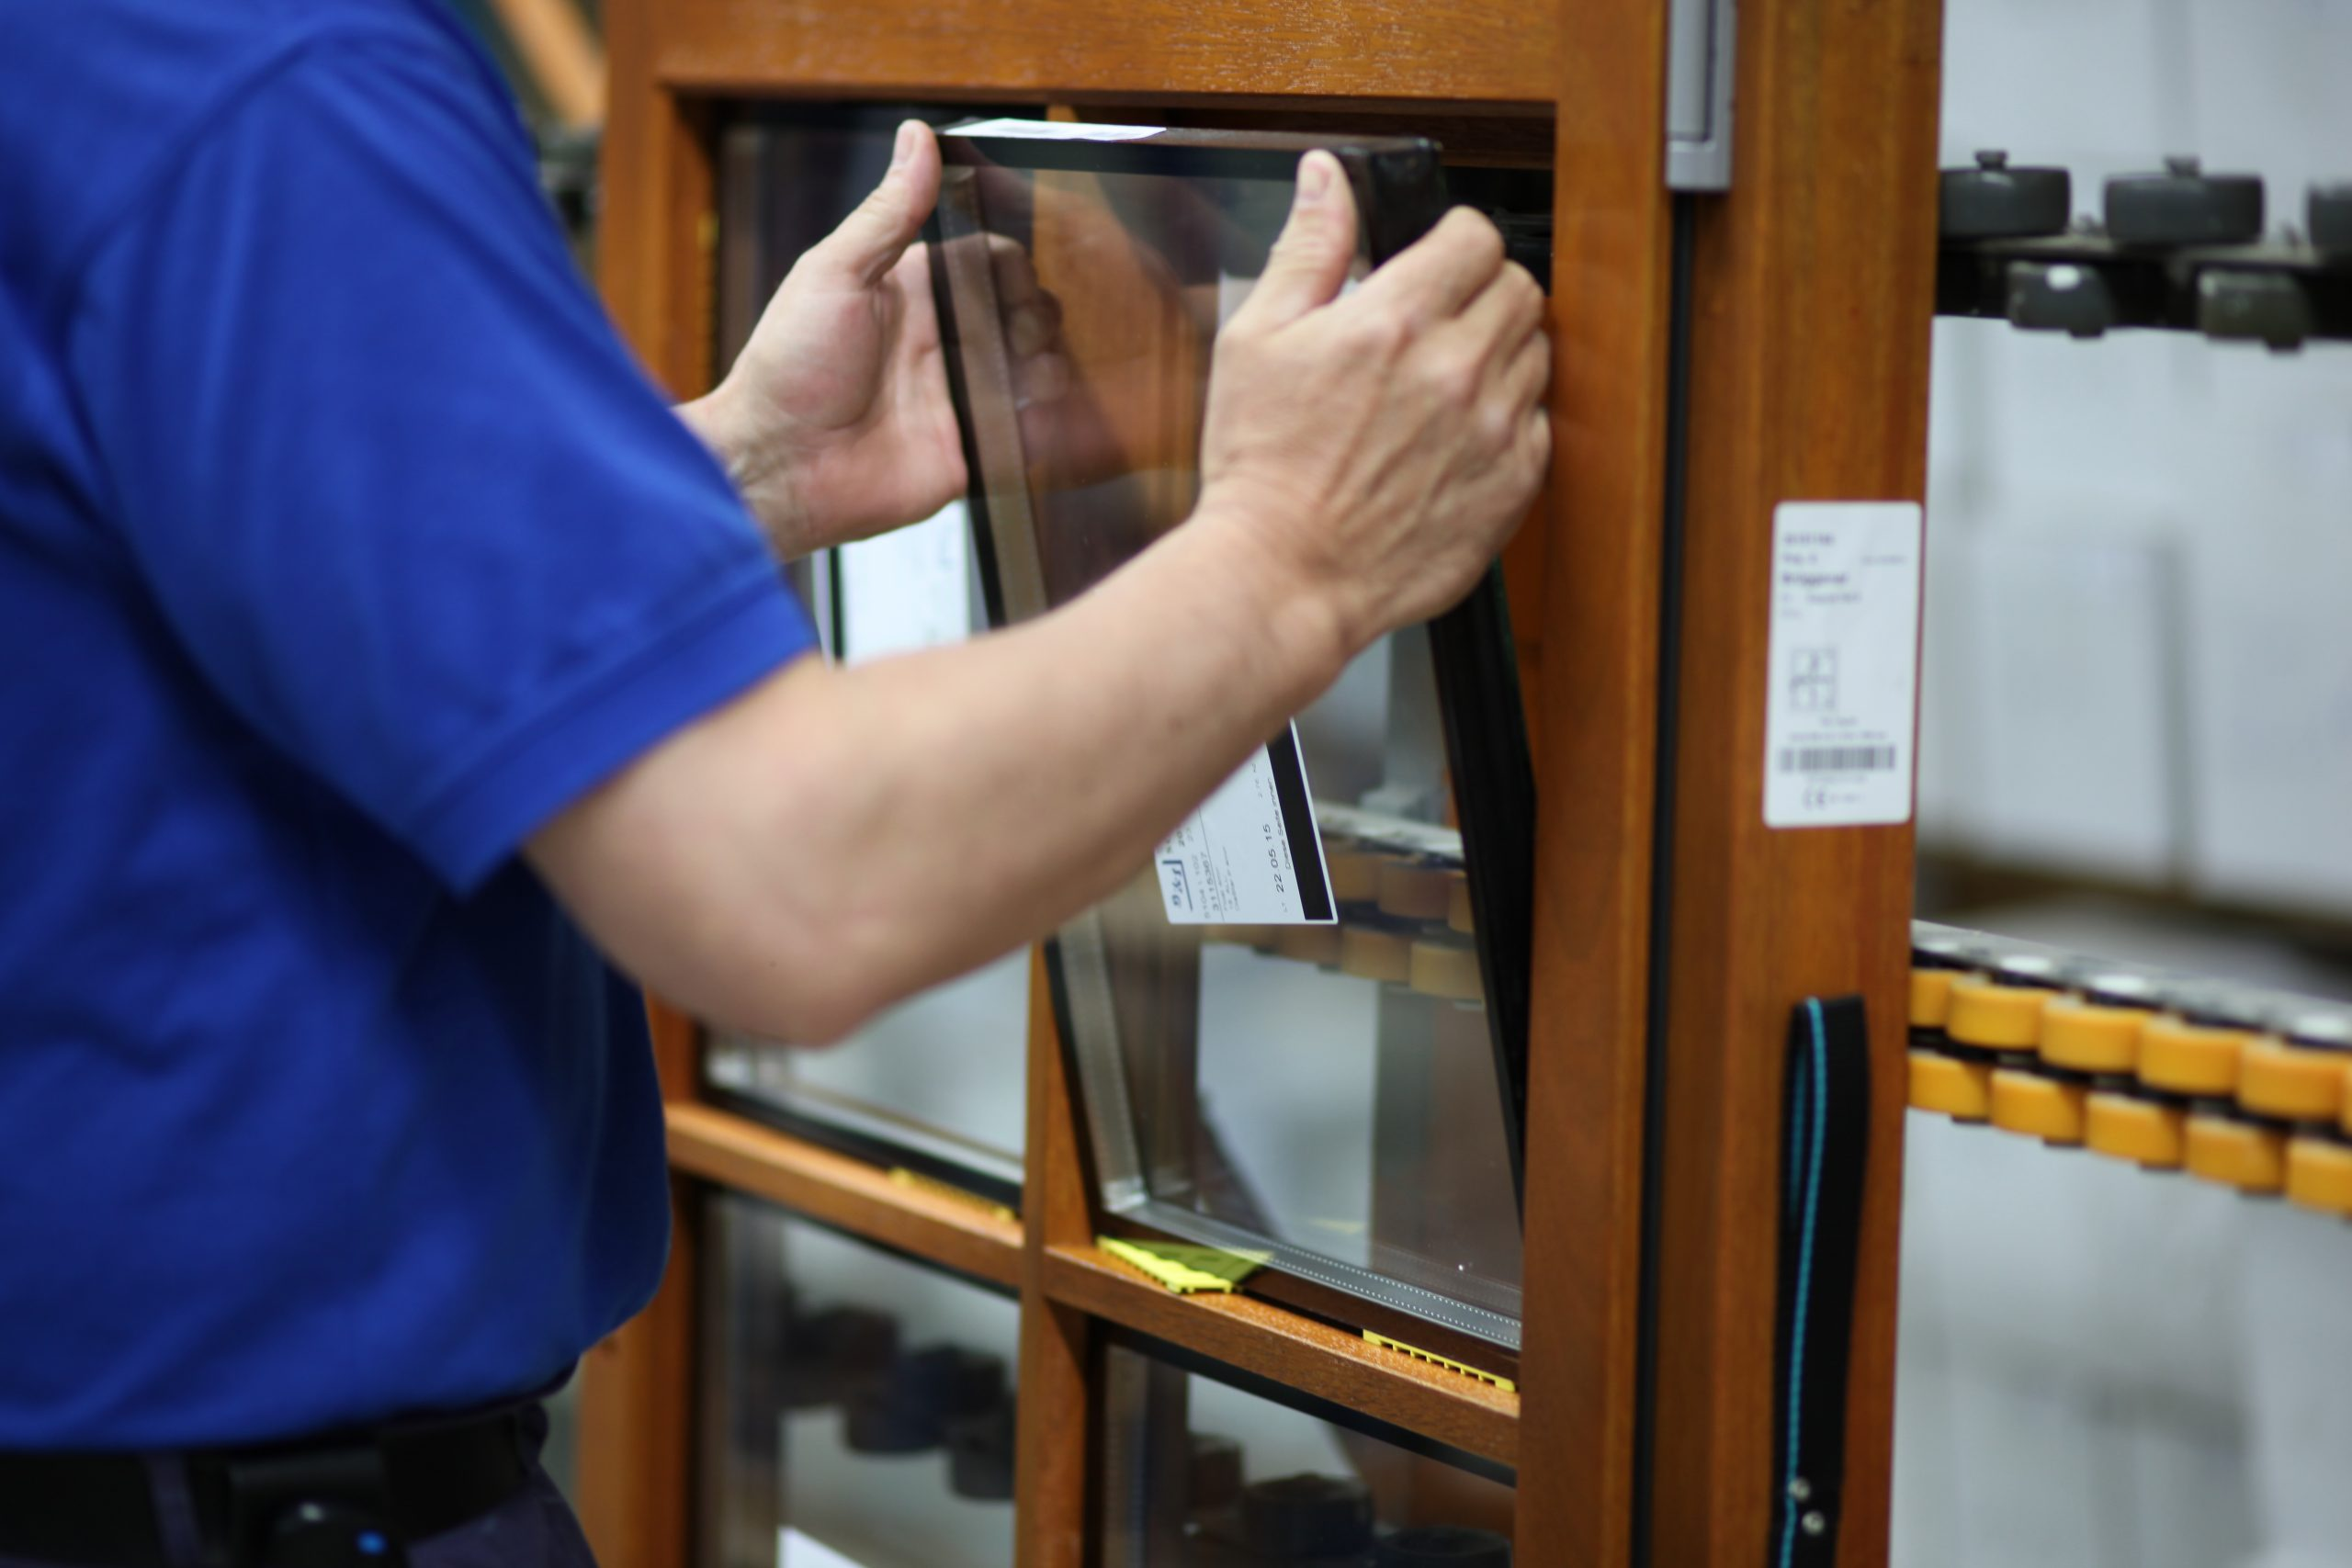 Full Size of Splitterschutzfolie Hornbach Einbruchschutz Fenster Folie Sicherheitsfolie Wohnzimmer Splitterschutzfolie Hornbach